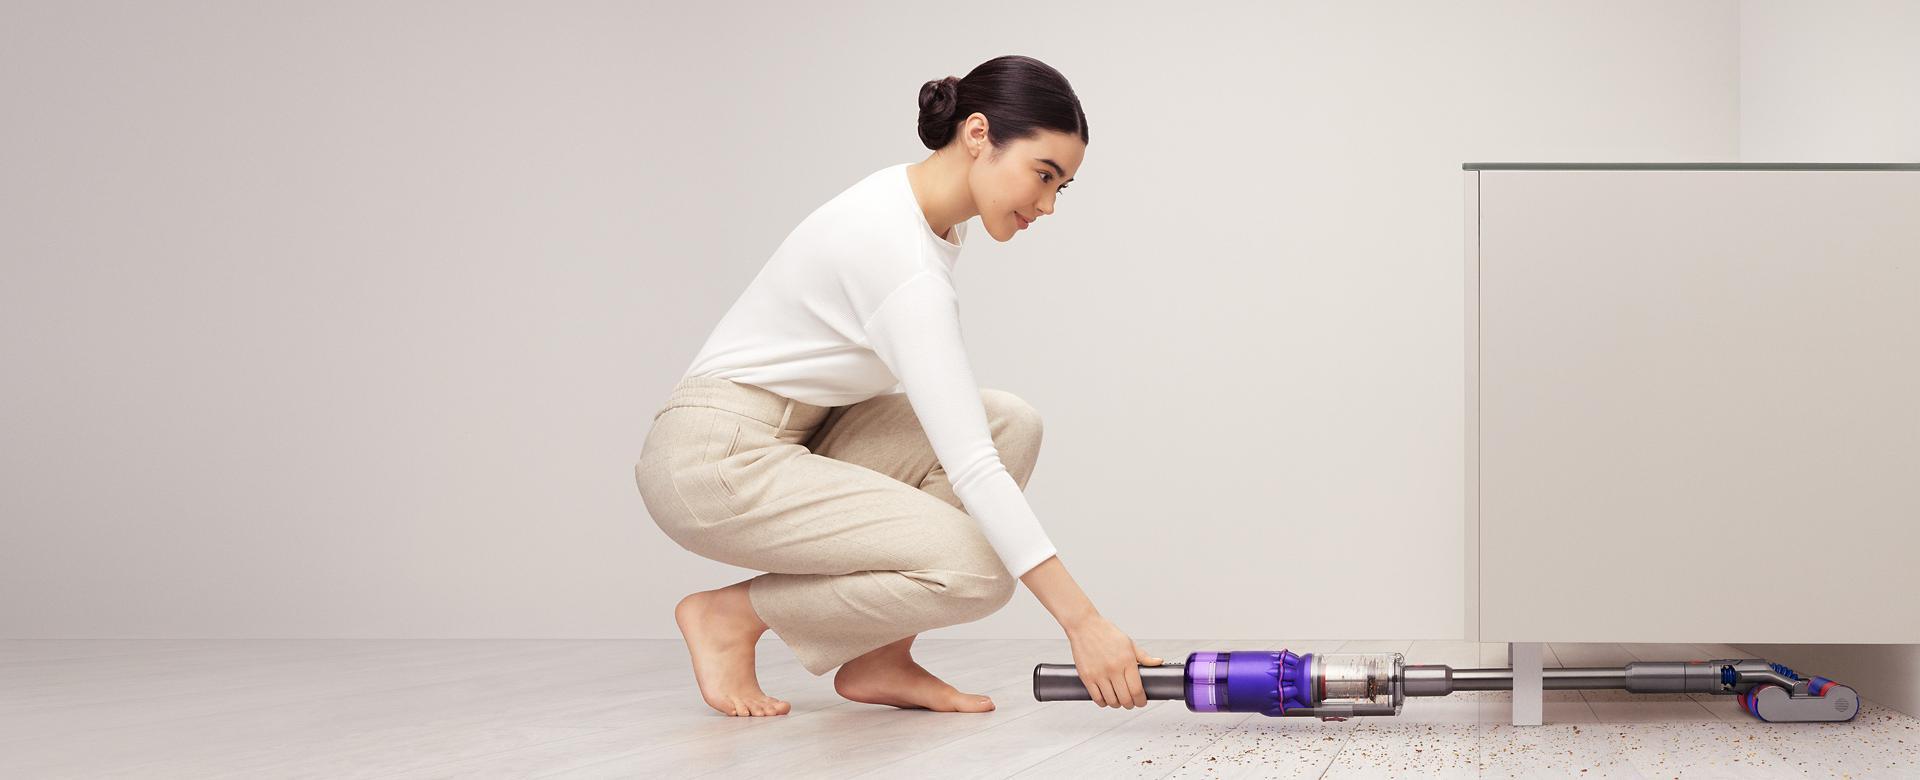 Mujer usando la aspiradora Dyson Omni-glide™ para limpiar debajo de una alacena.